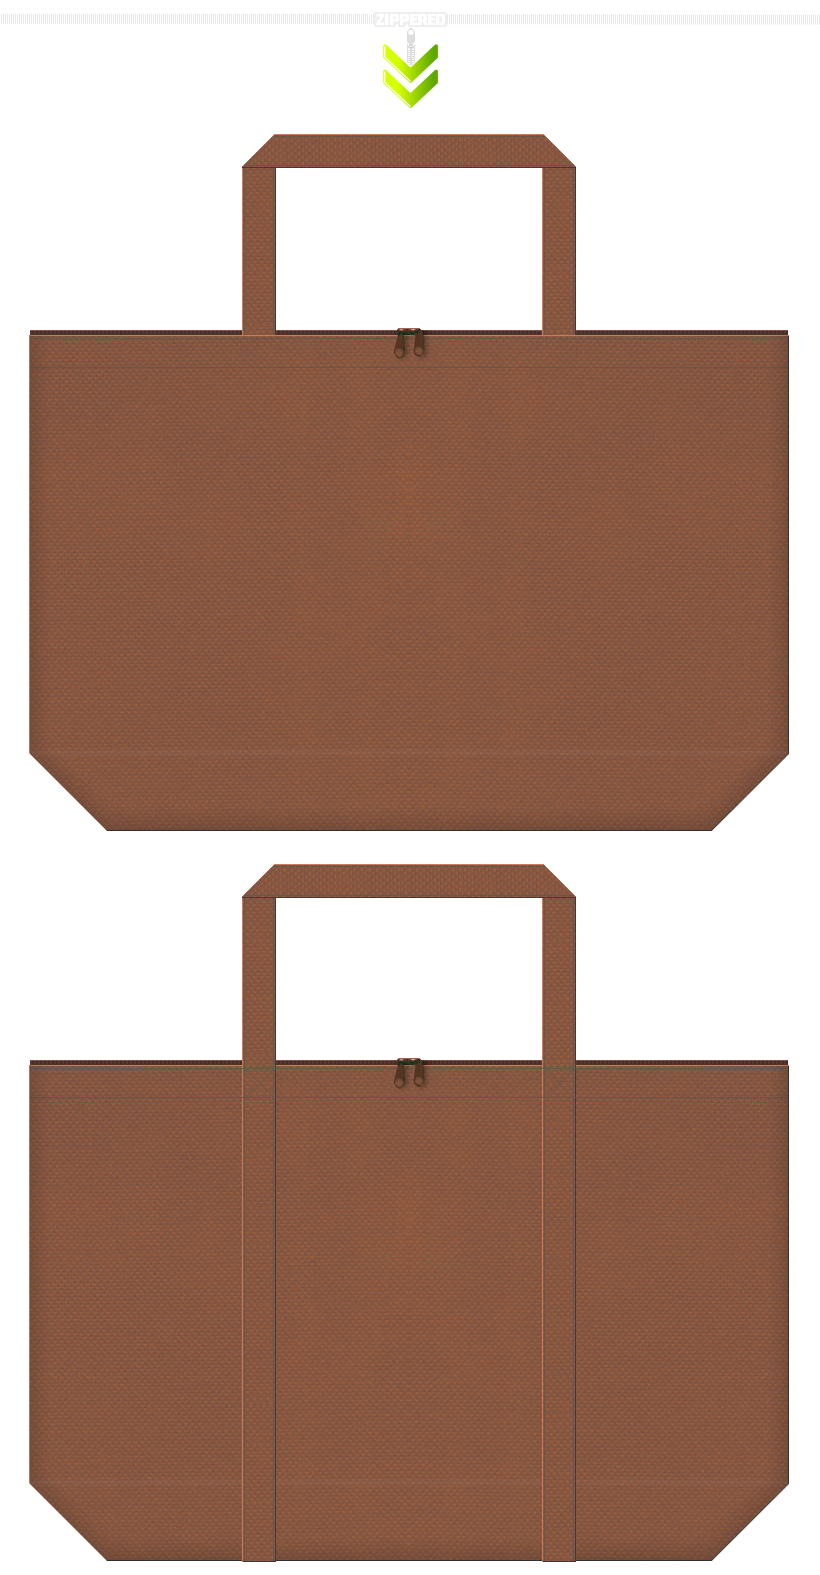 チョコレートカラーの不織布ショッピングバッグ